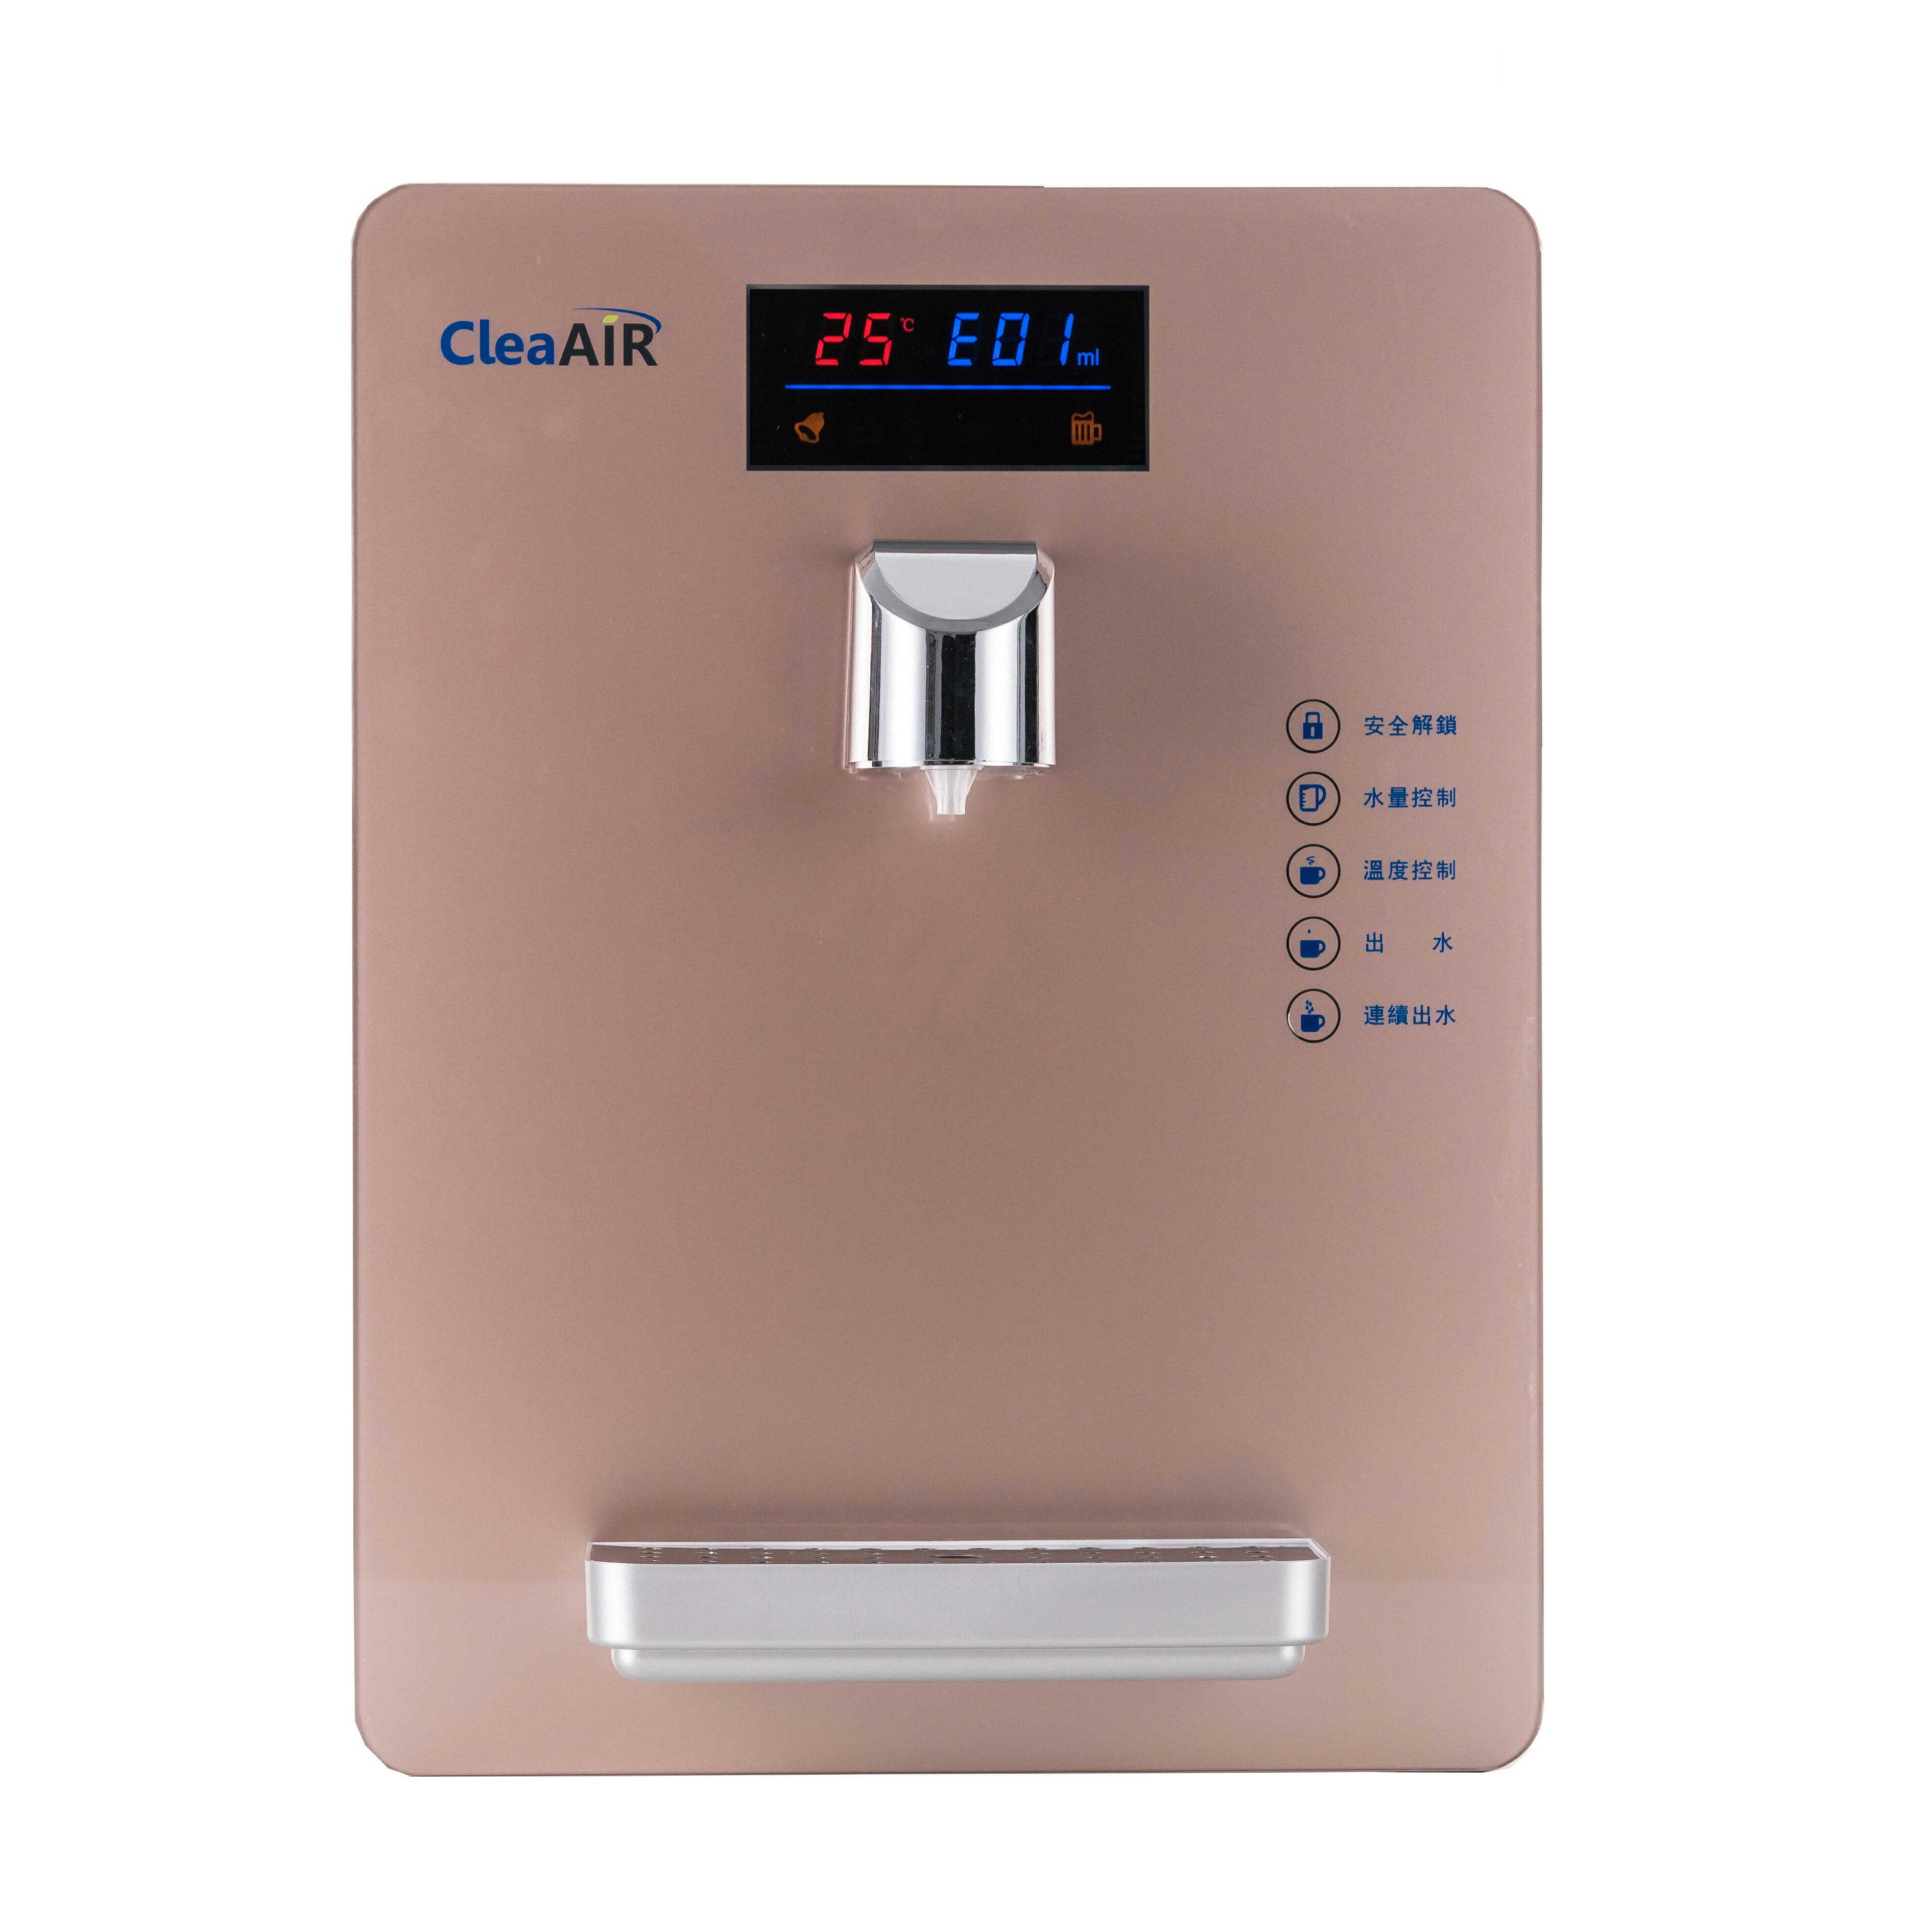 <br/><br/>  克立爾智慧溫控飲水機(含克立爾兩道式濾芯) 家電 濾水器 桌上型飲水機/ 移動式飲水機<br/><br/>